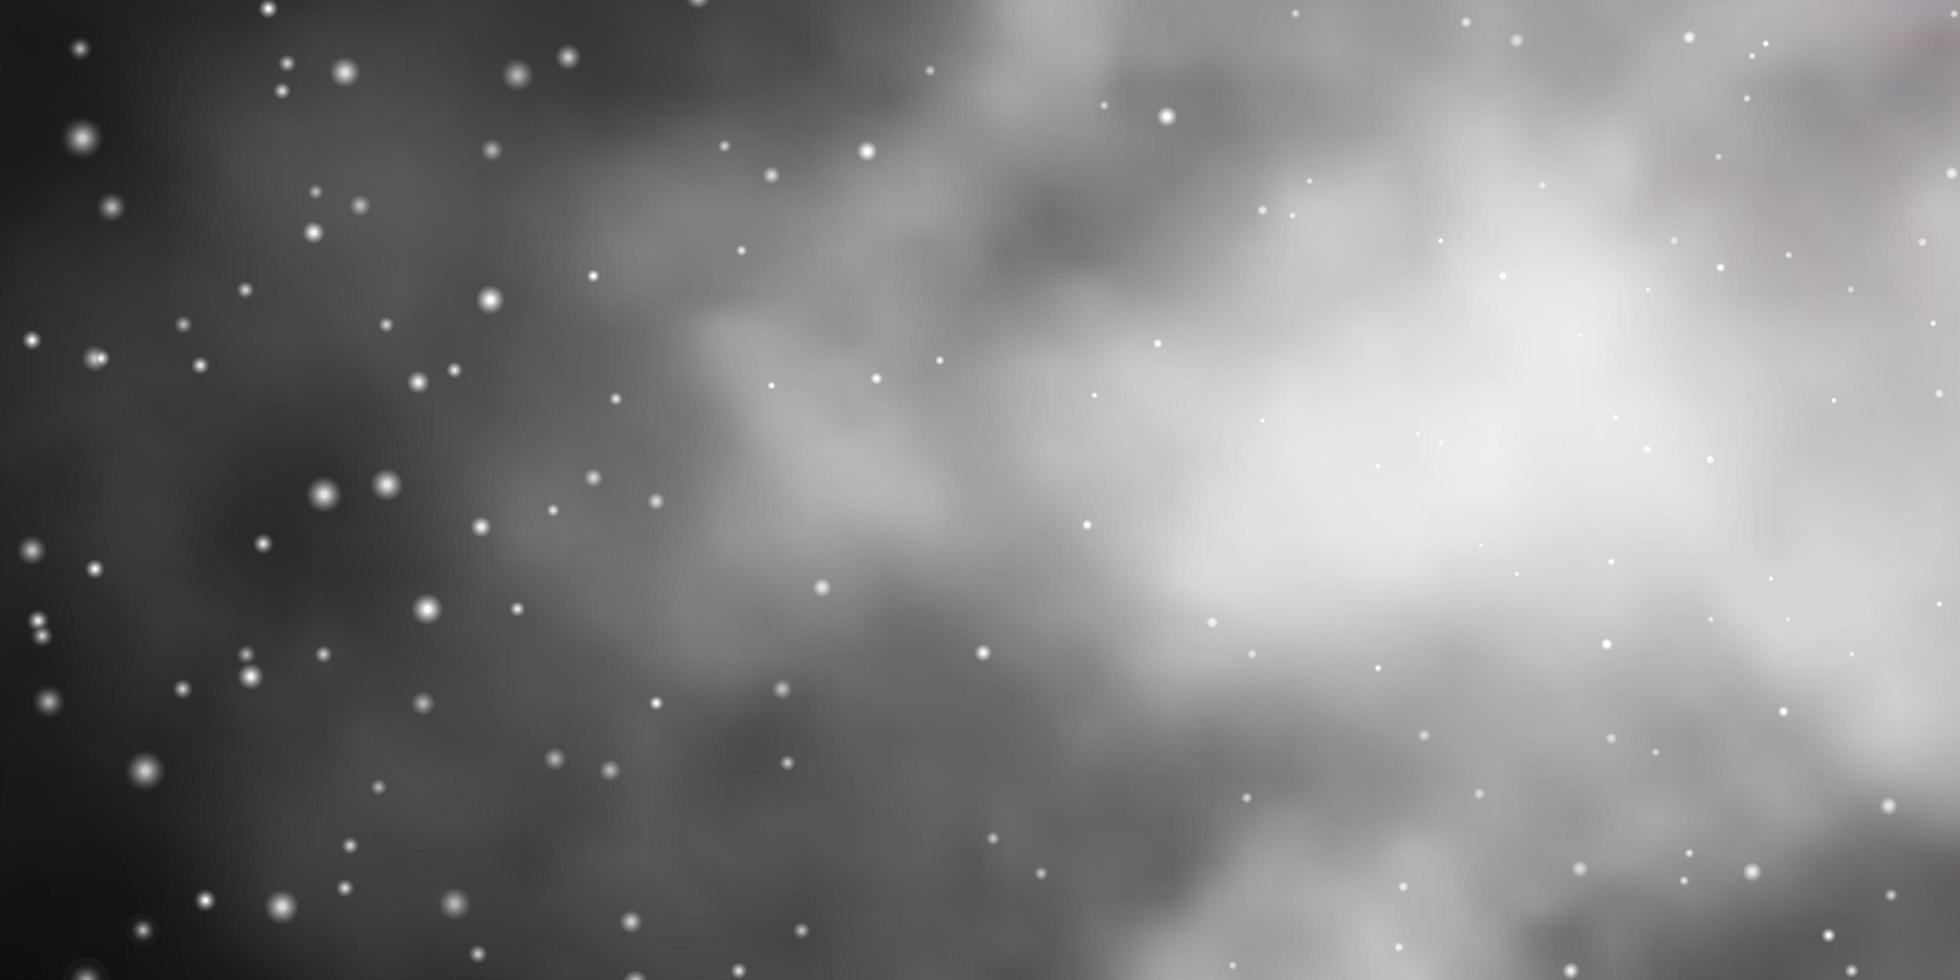 layout de vetor de cinza escuro com estrelas brilhantes.